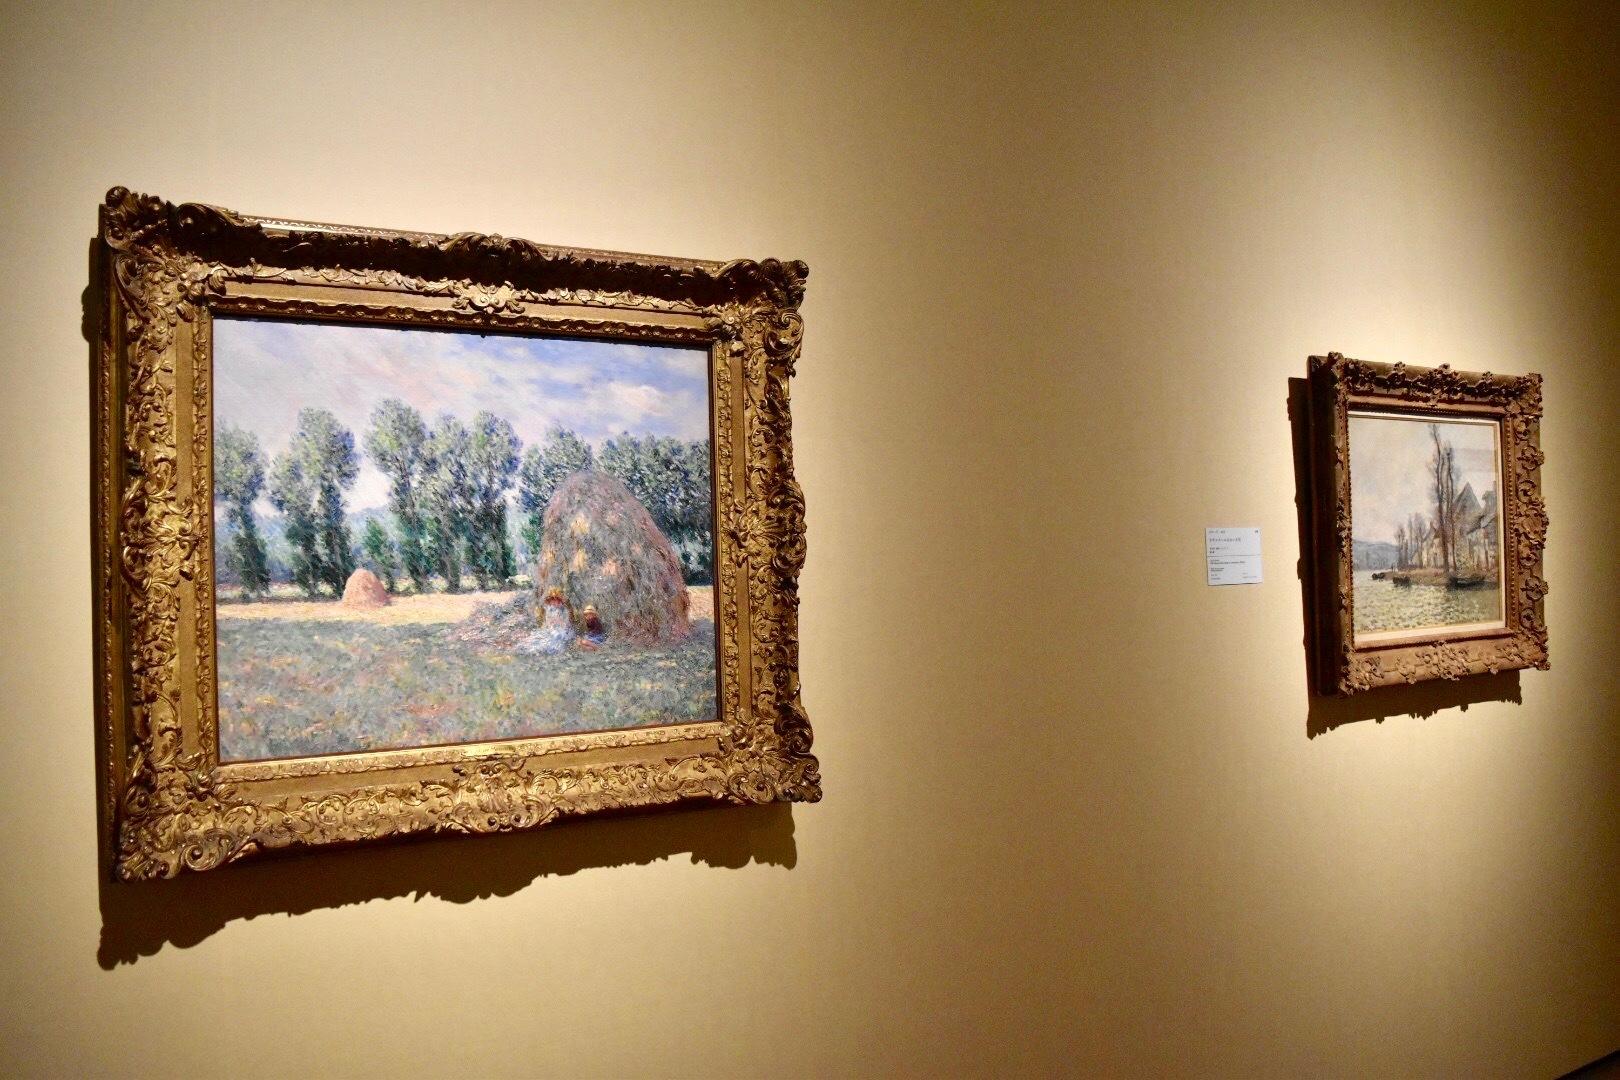 左:クロード・モネ 《積みわら》 1885年 大原美術館蔵 右奥:クロード・モネ 《ラヴァクールのセーヌ河》 1879年 個人蔵